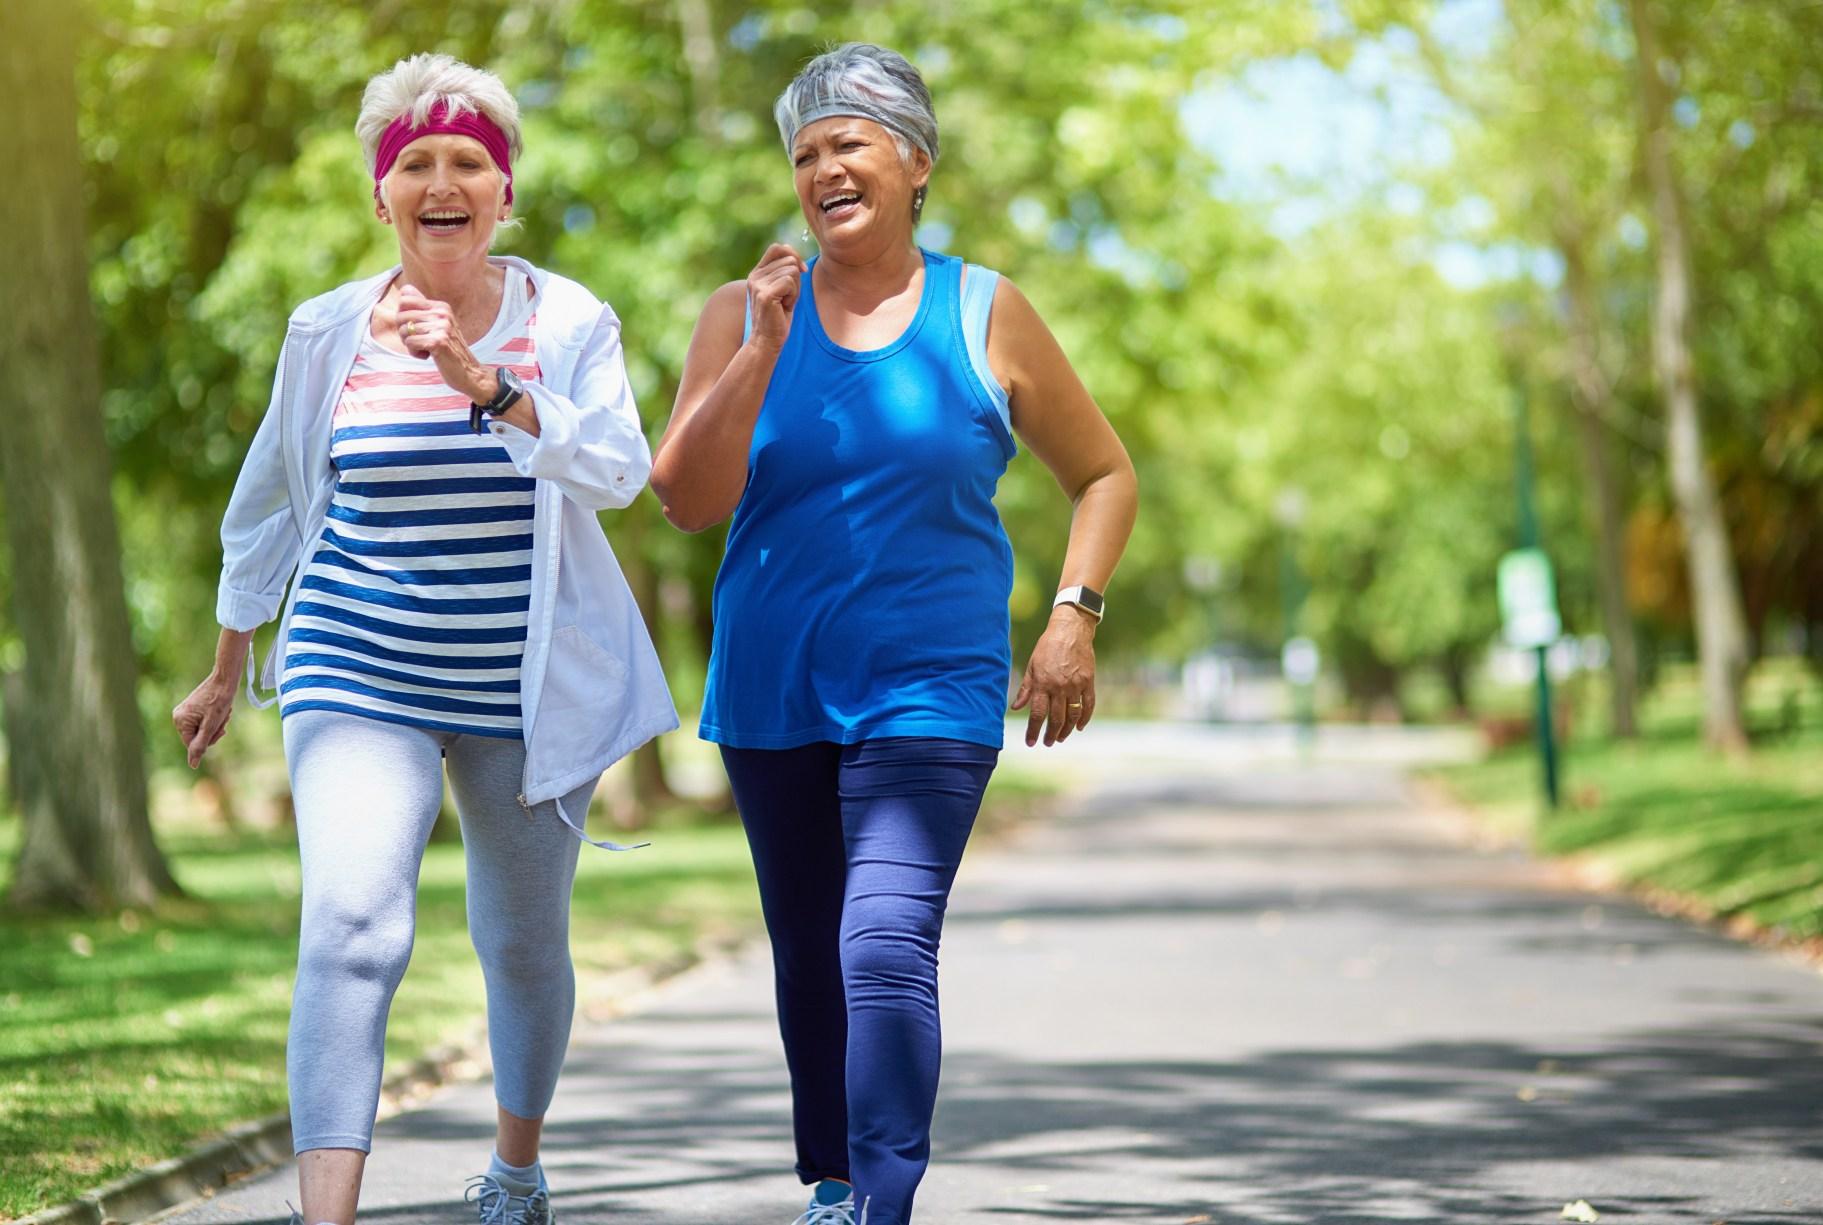 ¿Cómo se puede prevenir la diabetes?